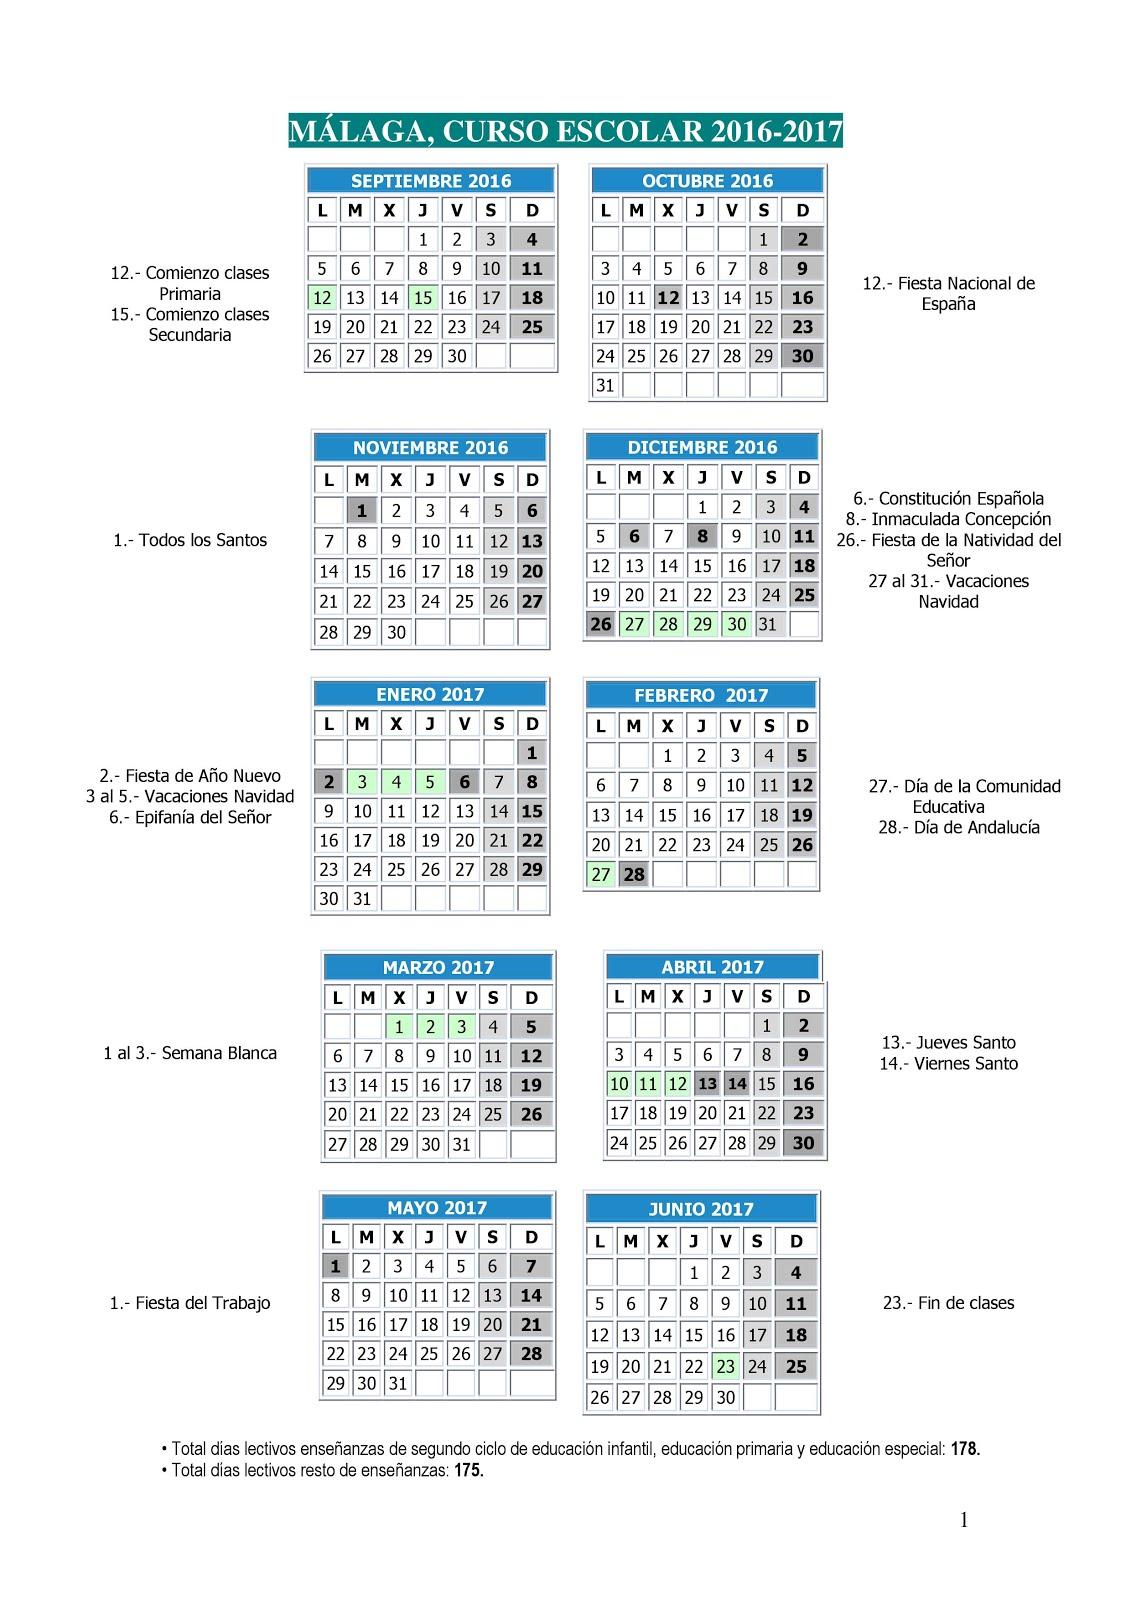 CALENDARIO CURSO 16-17 MALAGA